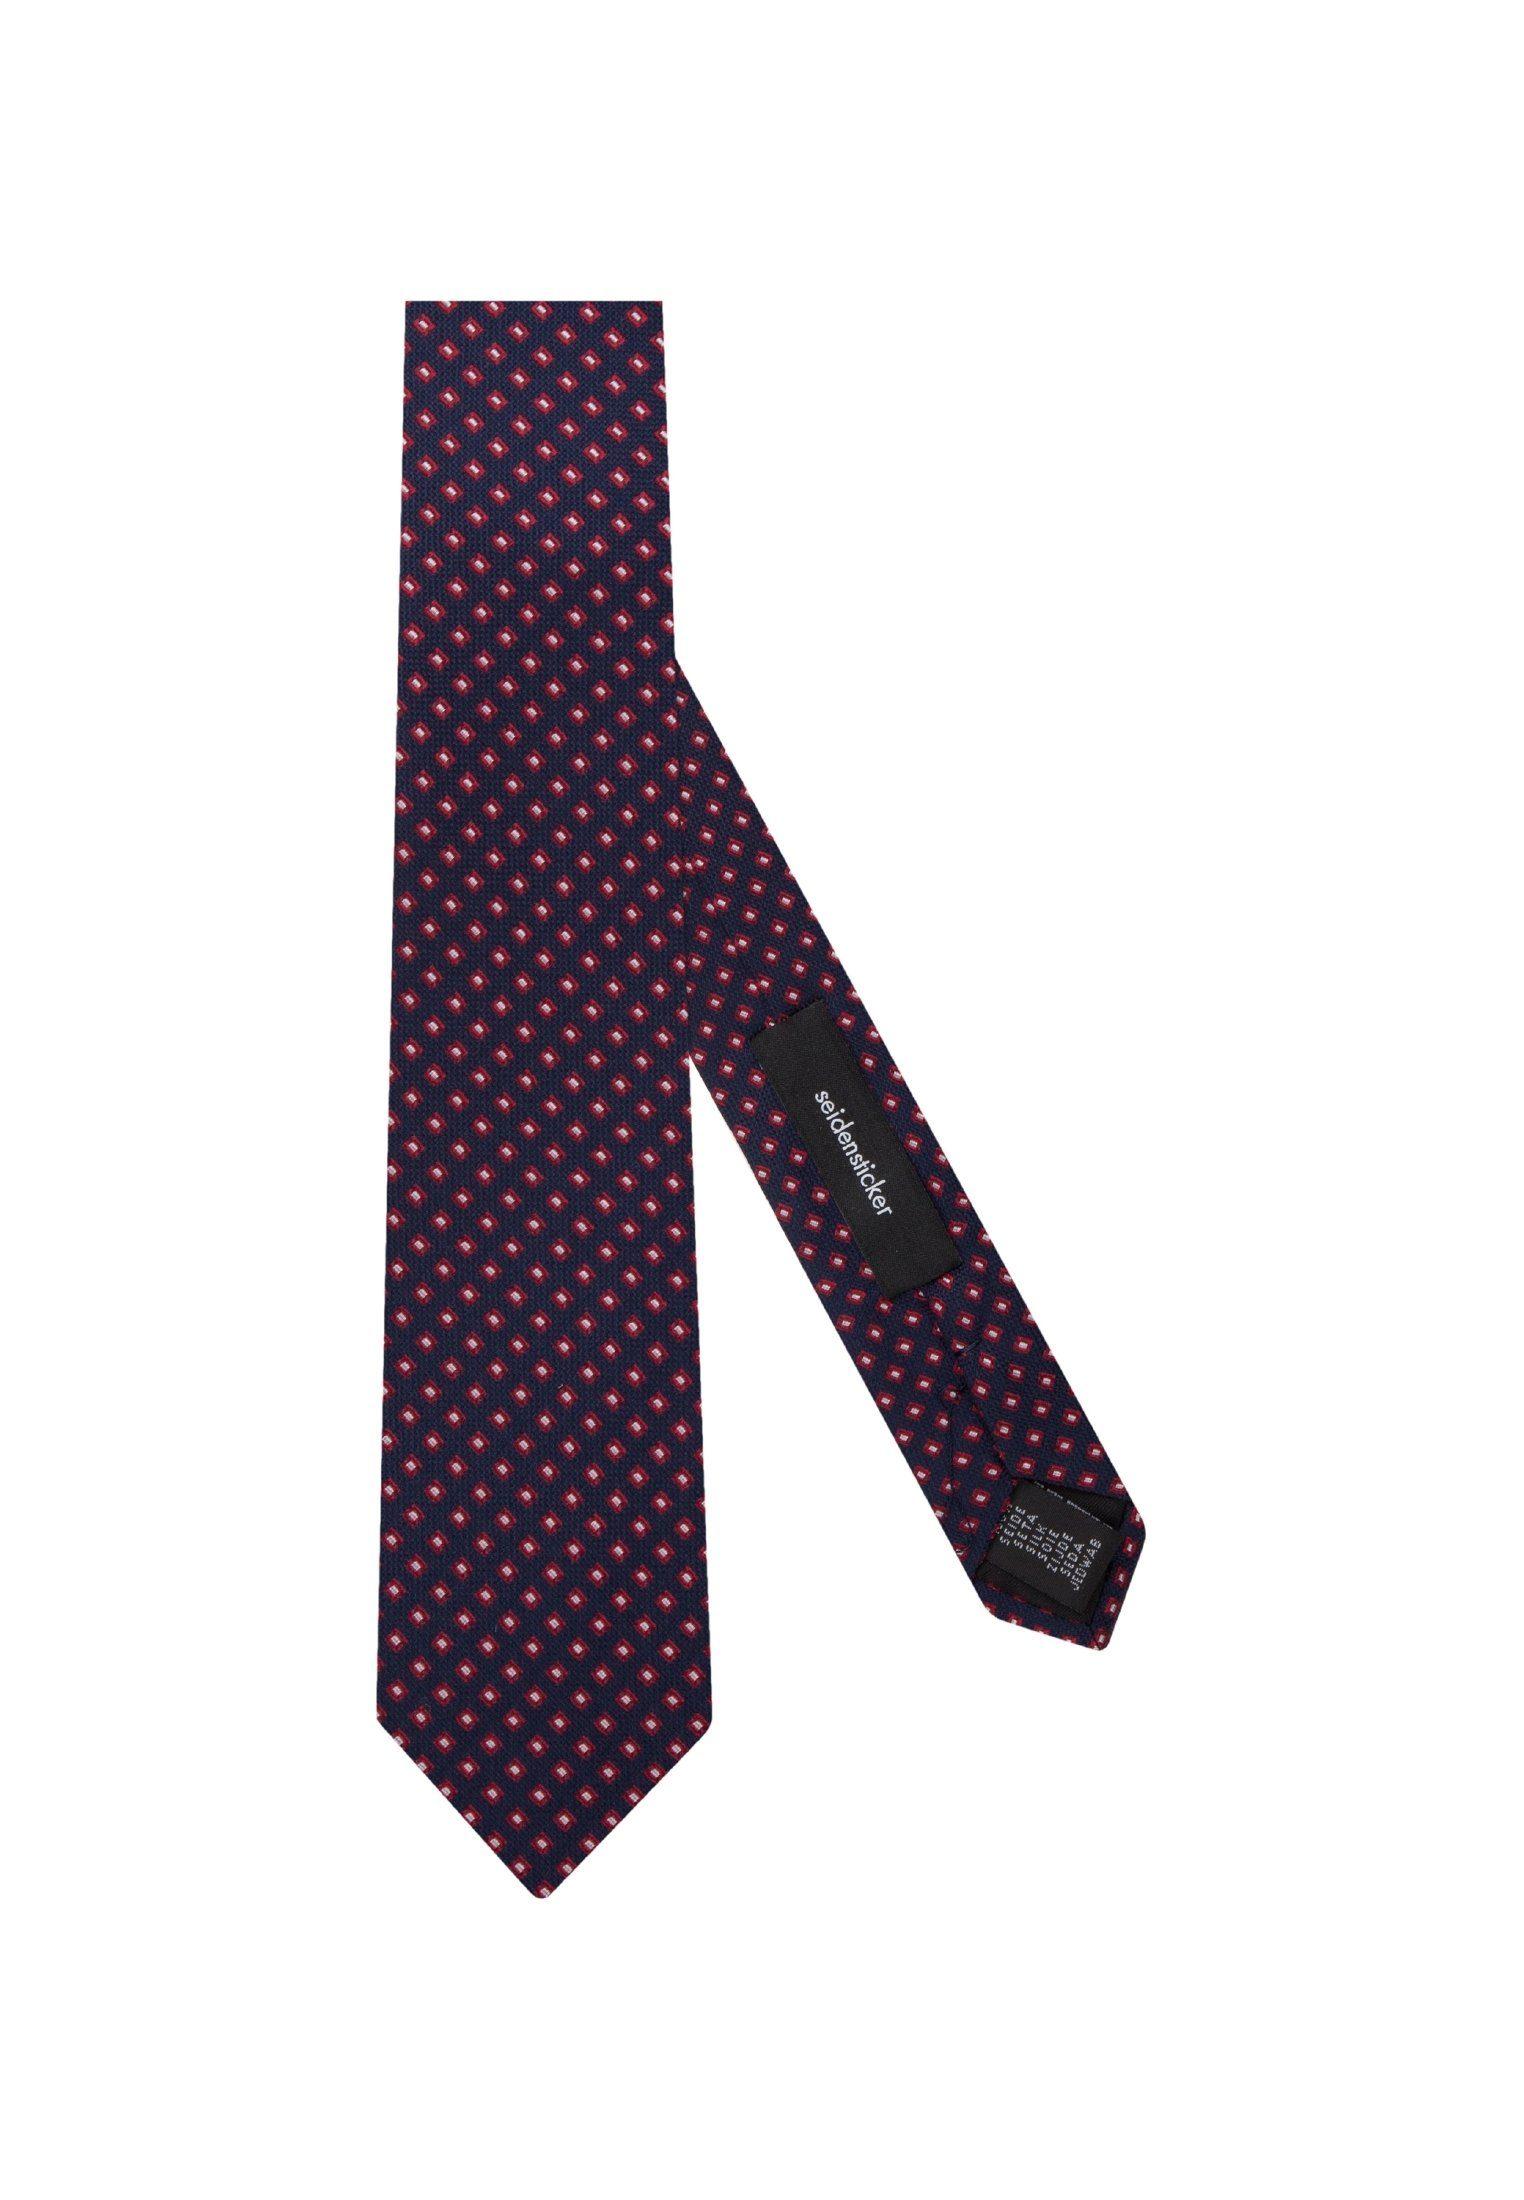 Krawatte Seidensticker Kaufen »schwarze Online Rose«Breit7cmPunkte SMpUzVq